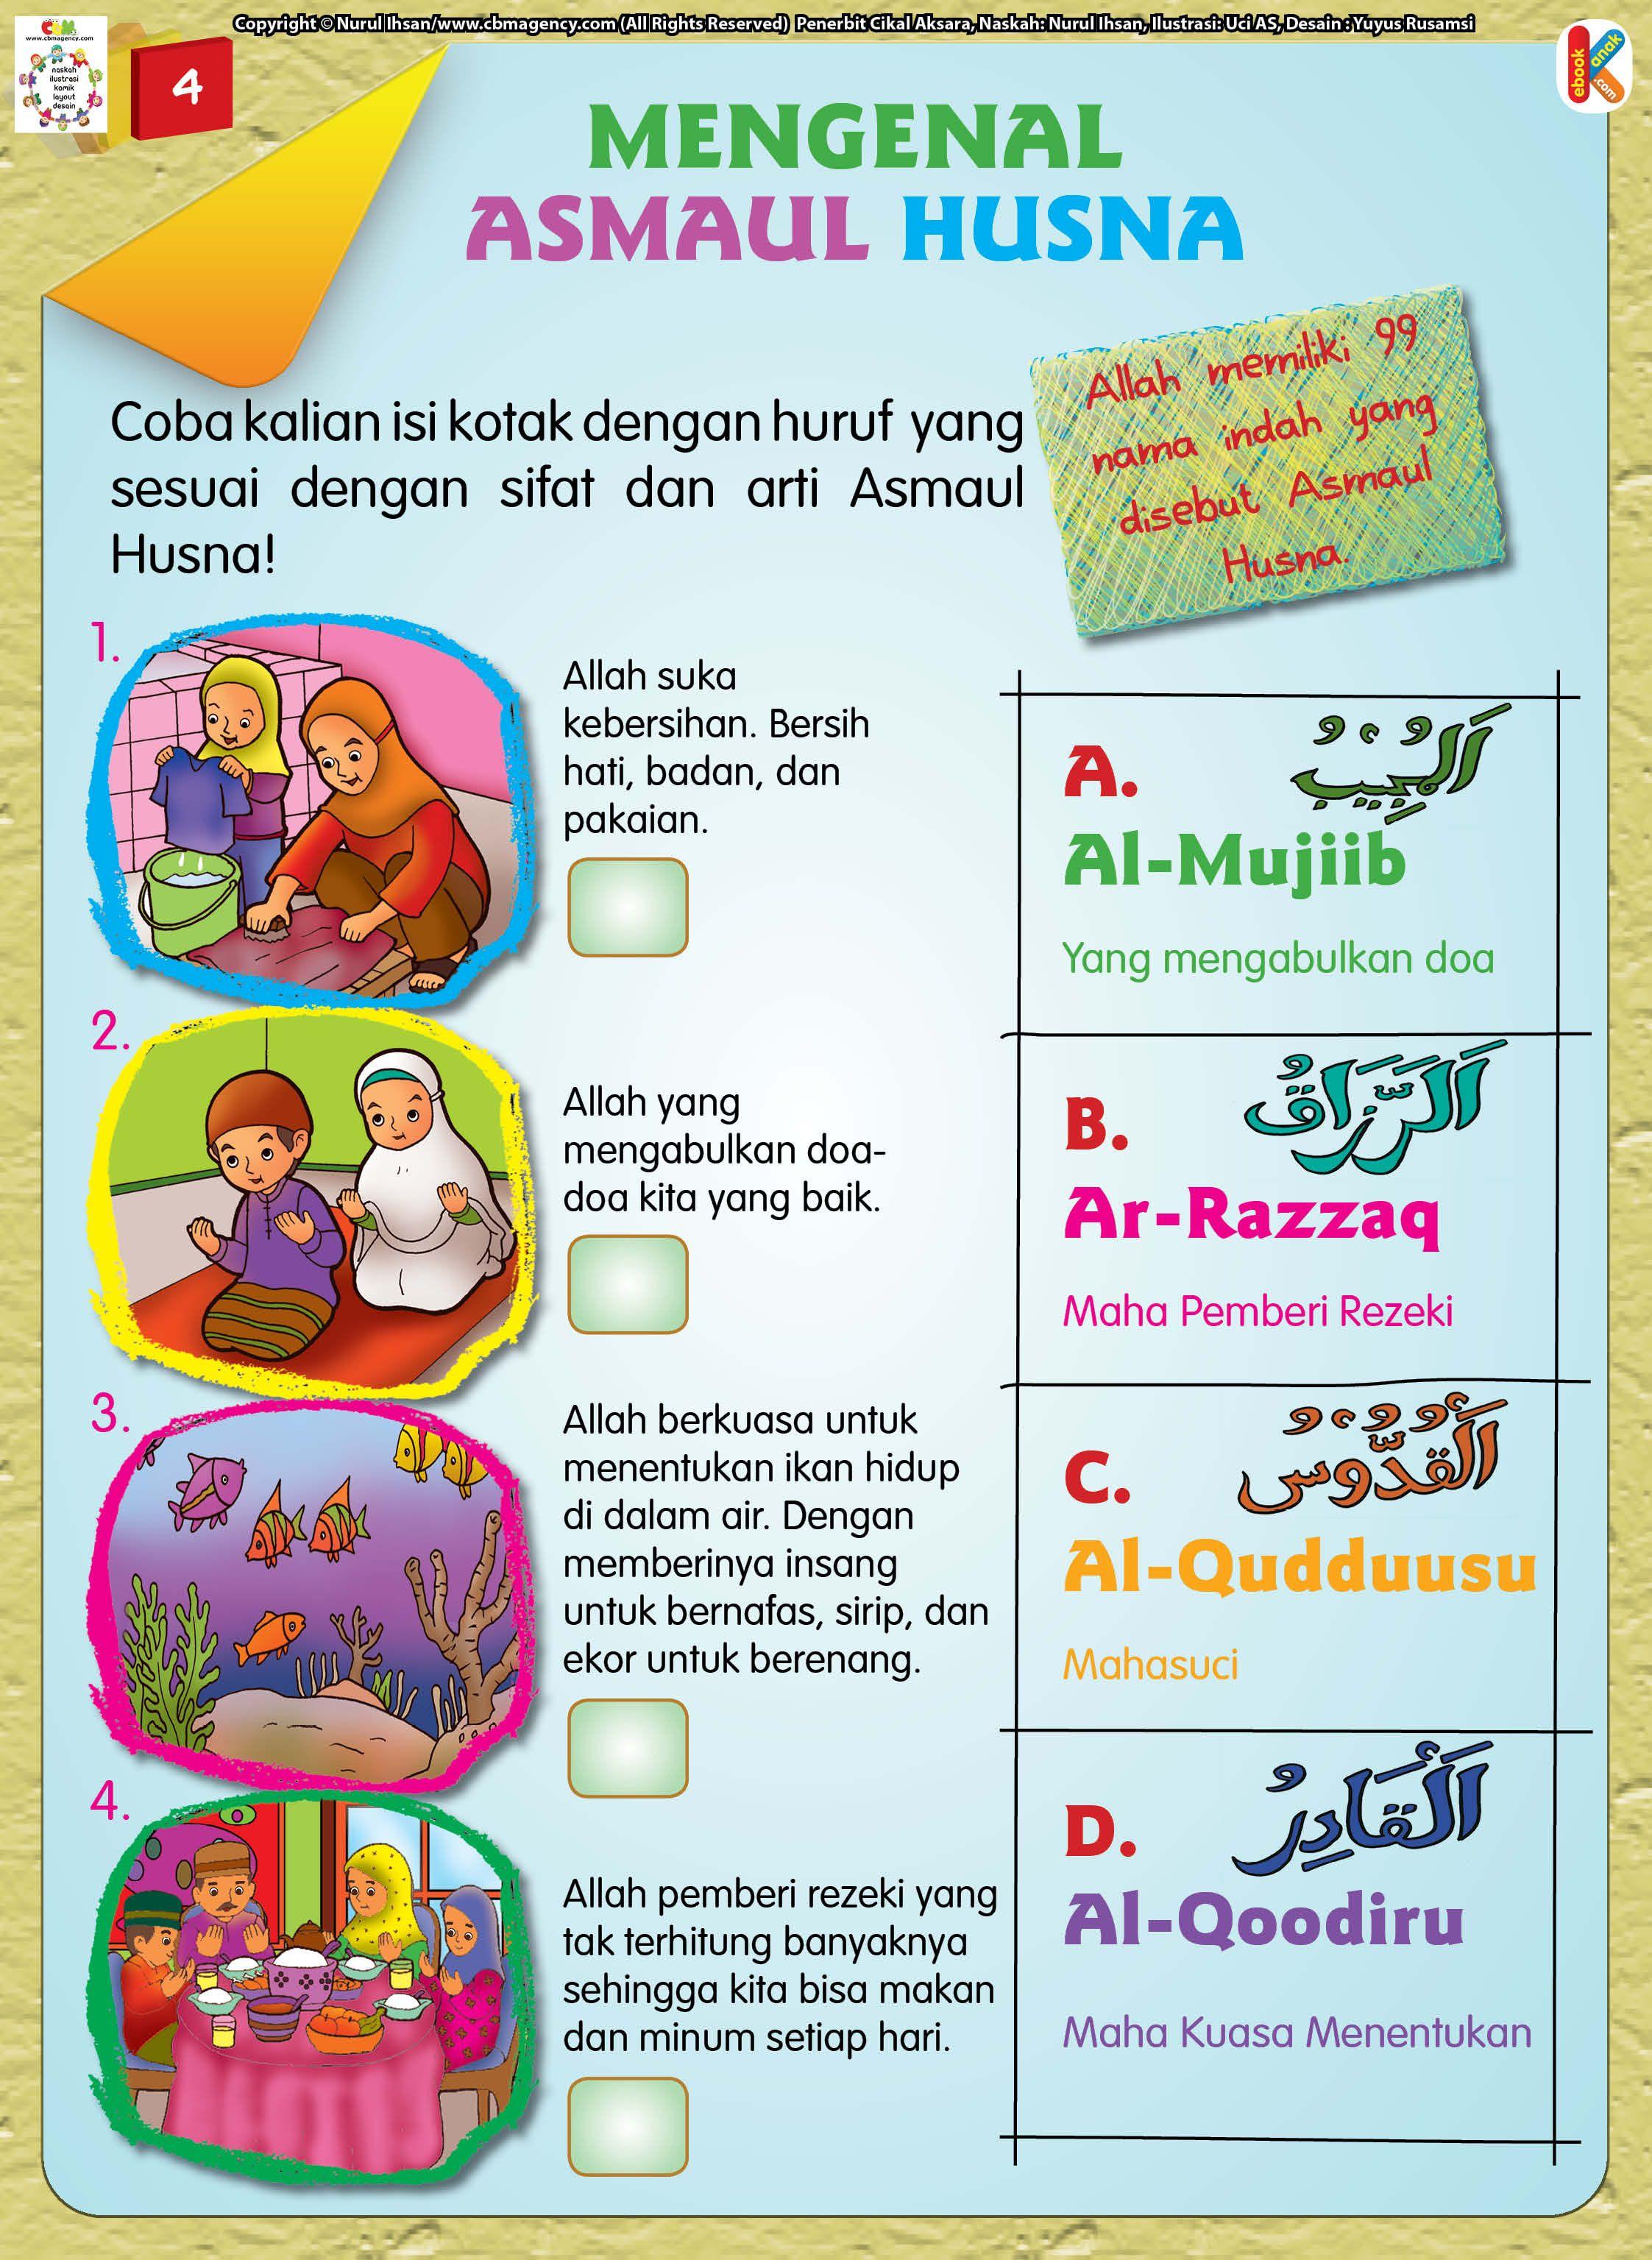 Mengenal Namanama Indah Asmaul Husna (Dengan gambar